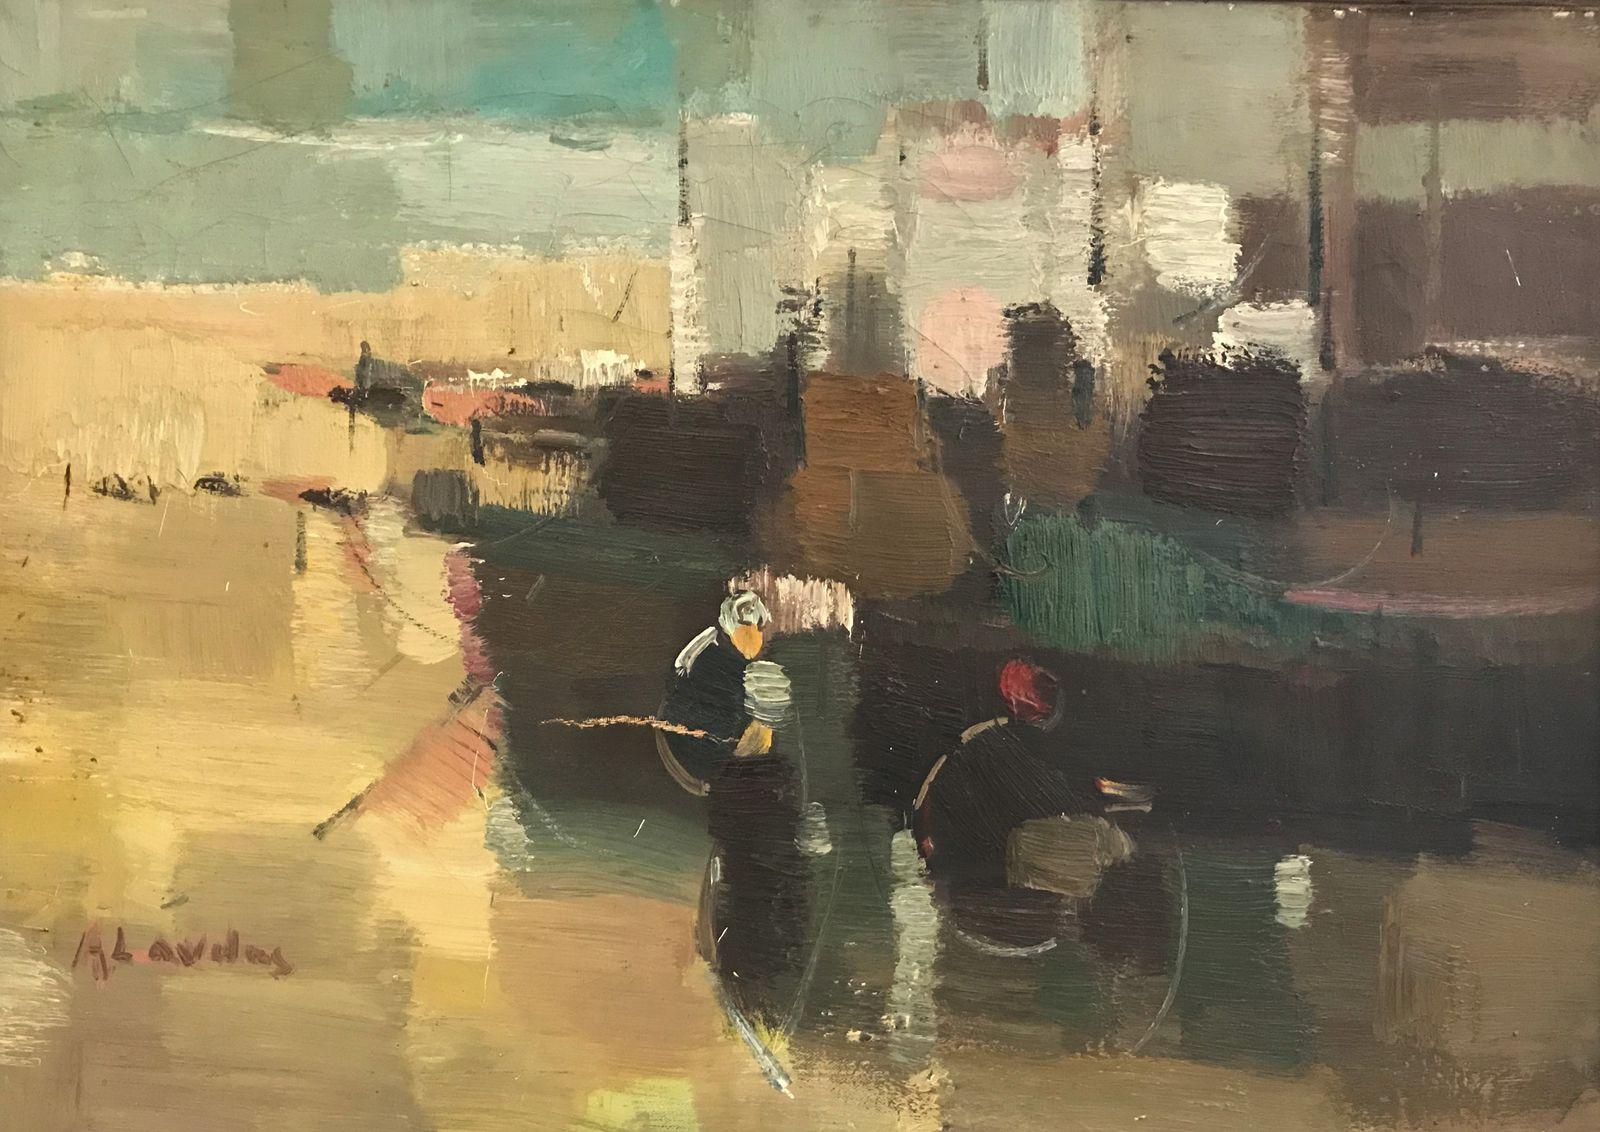 Απόστολος Λάβδας 50×70 εκ. Λάδια σε καμβά Apostolos Lavdas 50×70 cm Oils on canvas